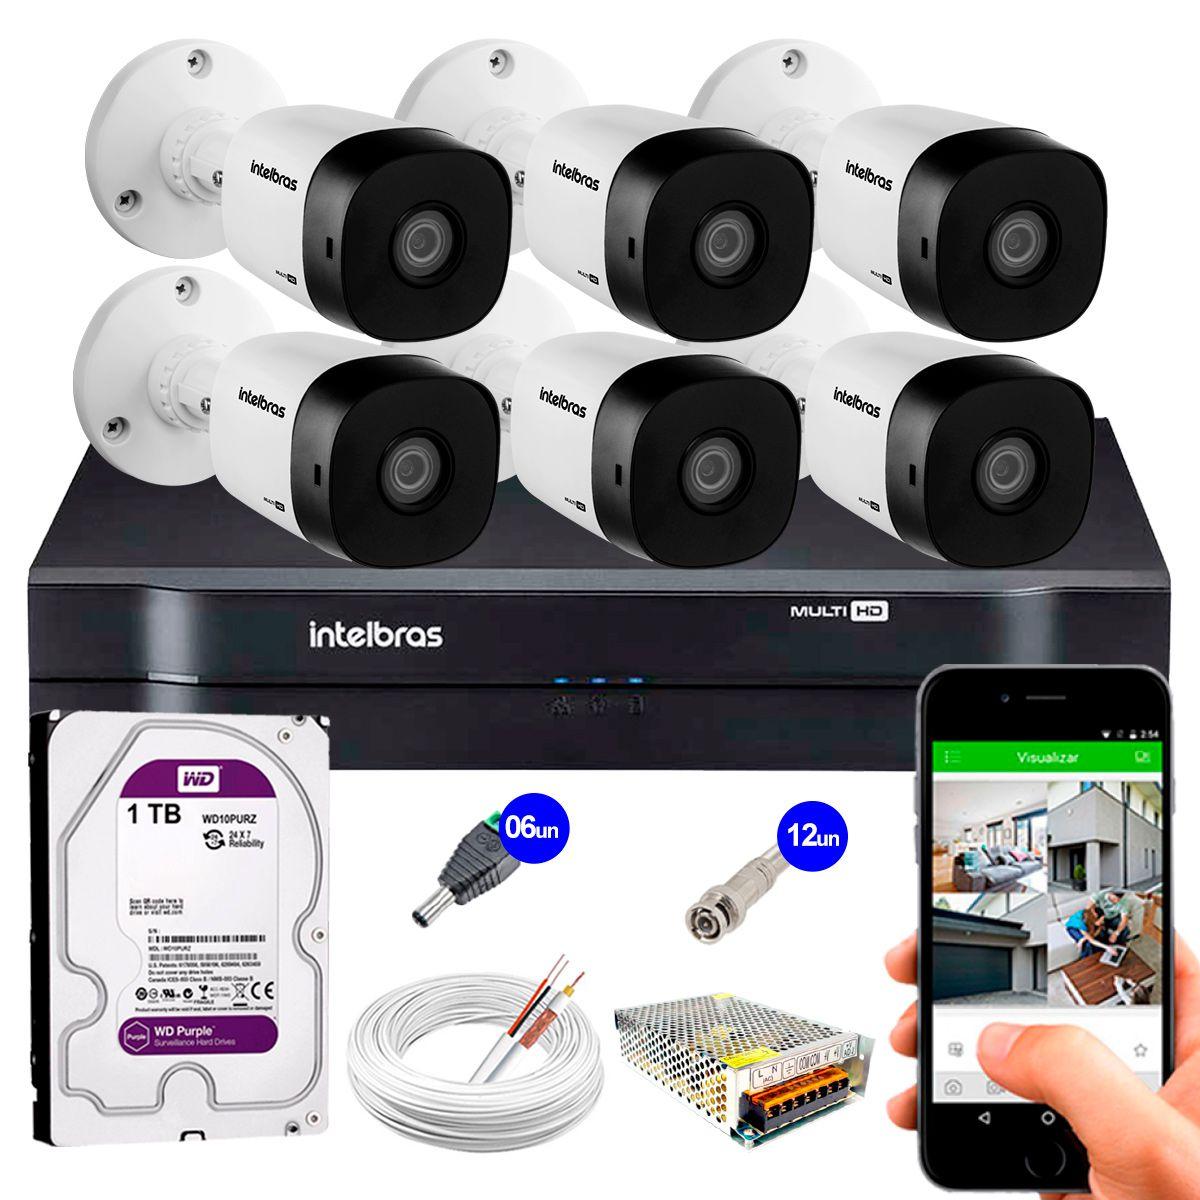 Kit 6 Câmeras VHD 1010 B G5 + DVR Intelbras + HD 1TB para Armazenamento + App Grátis de Monitoramento, Câmeras HD 720p 10m Infravermelho de Visão Noturna Intelbras + Fonte, Cabos e Acessórios  - Tudo Forte